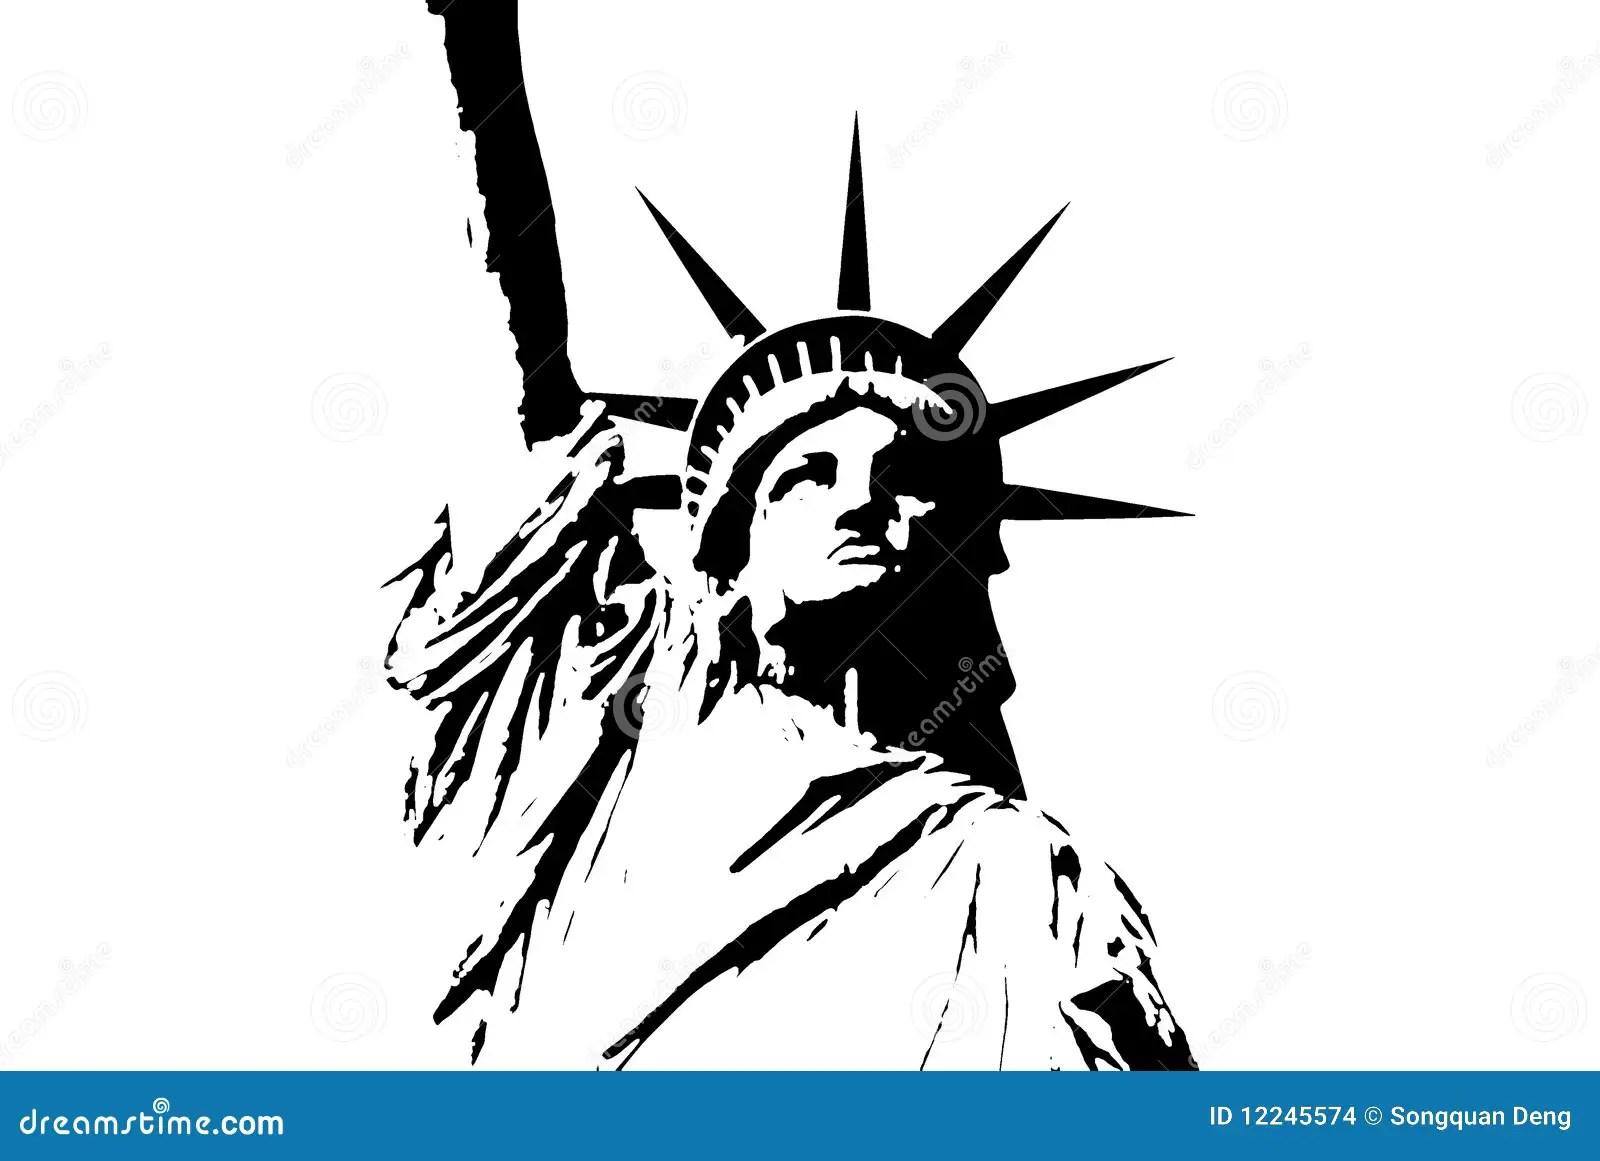 Estatua De New York City De La Libertad Stock De